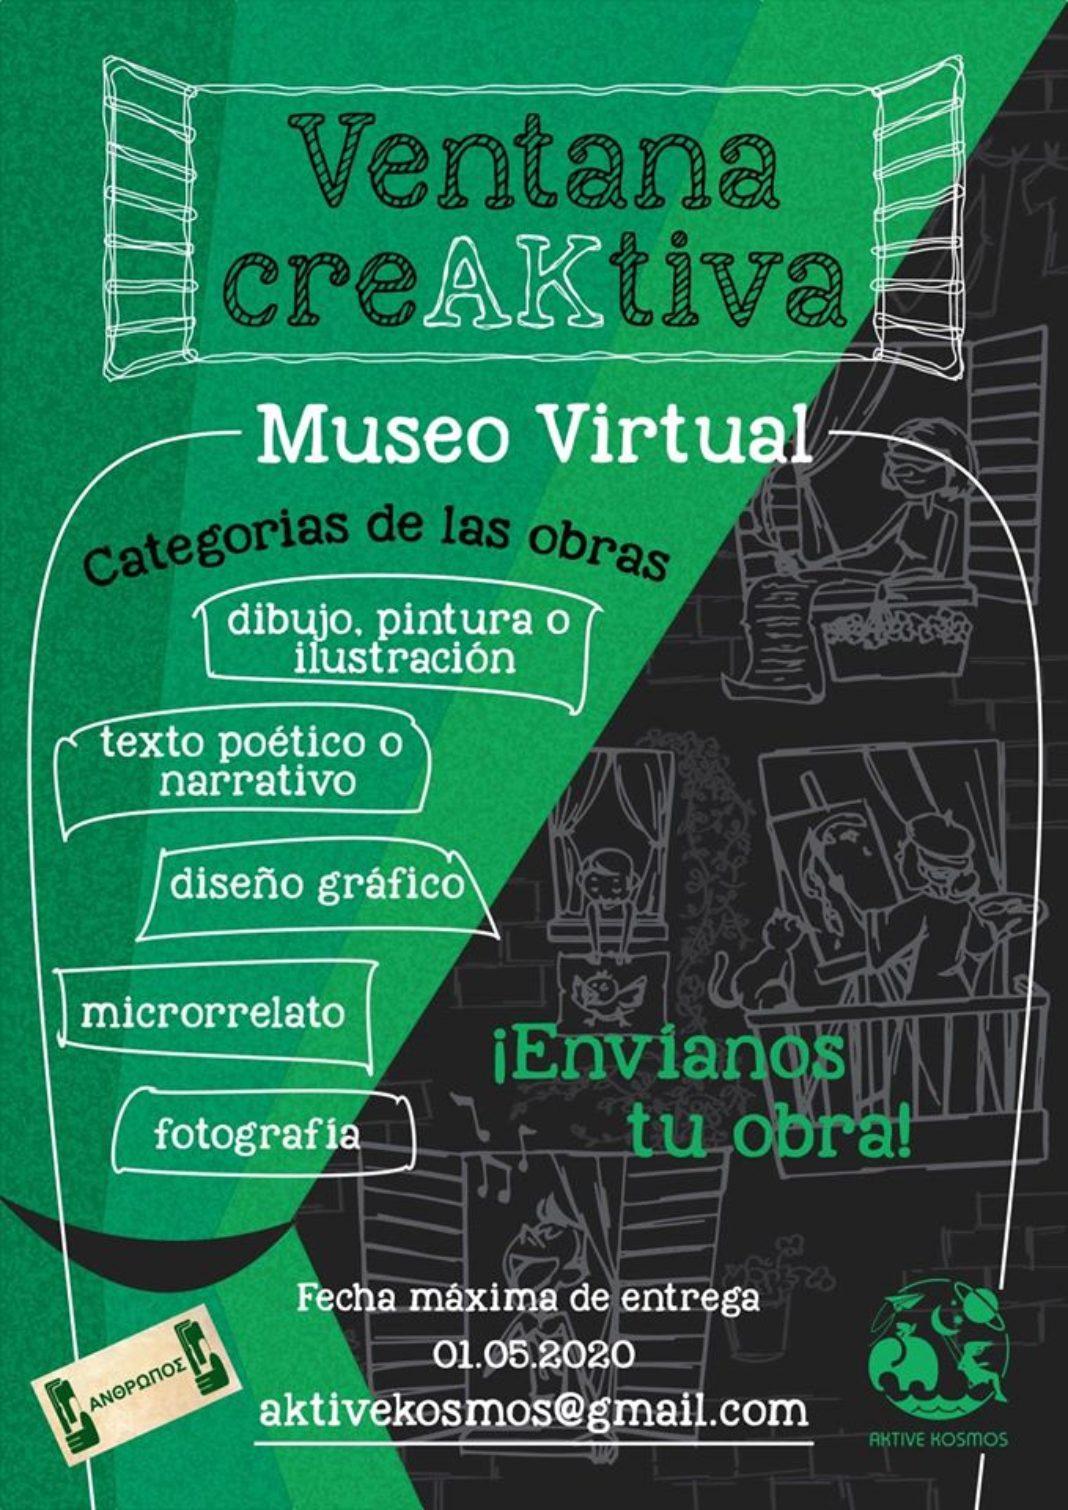 Ventana creativa 1068x1510 - Colabora en la creación de un museo virtual con obras que recojan lo que se está viviendo por la COVID-19